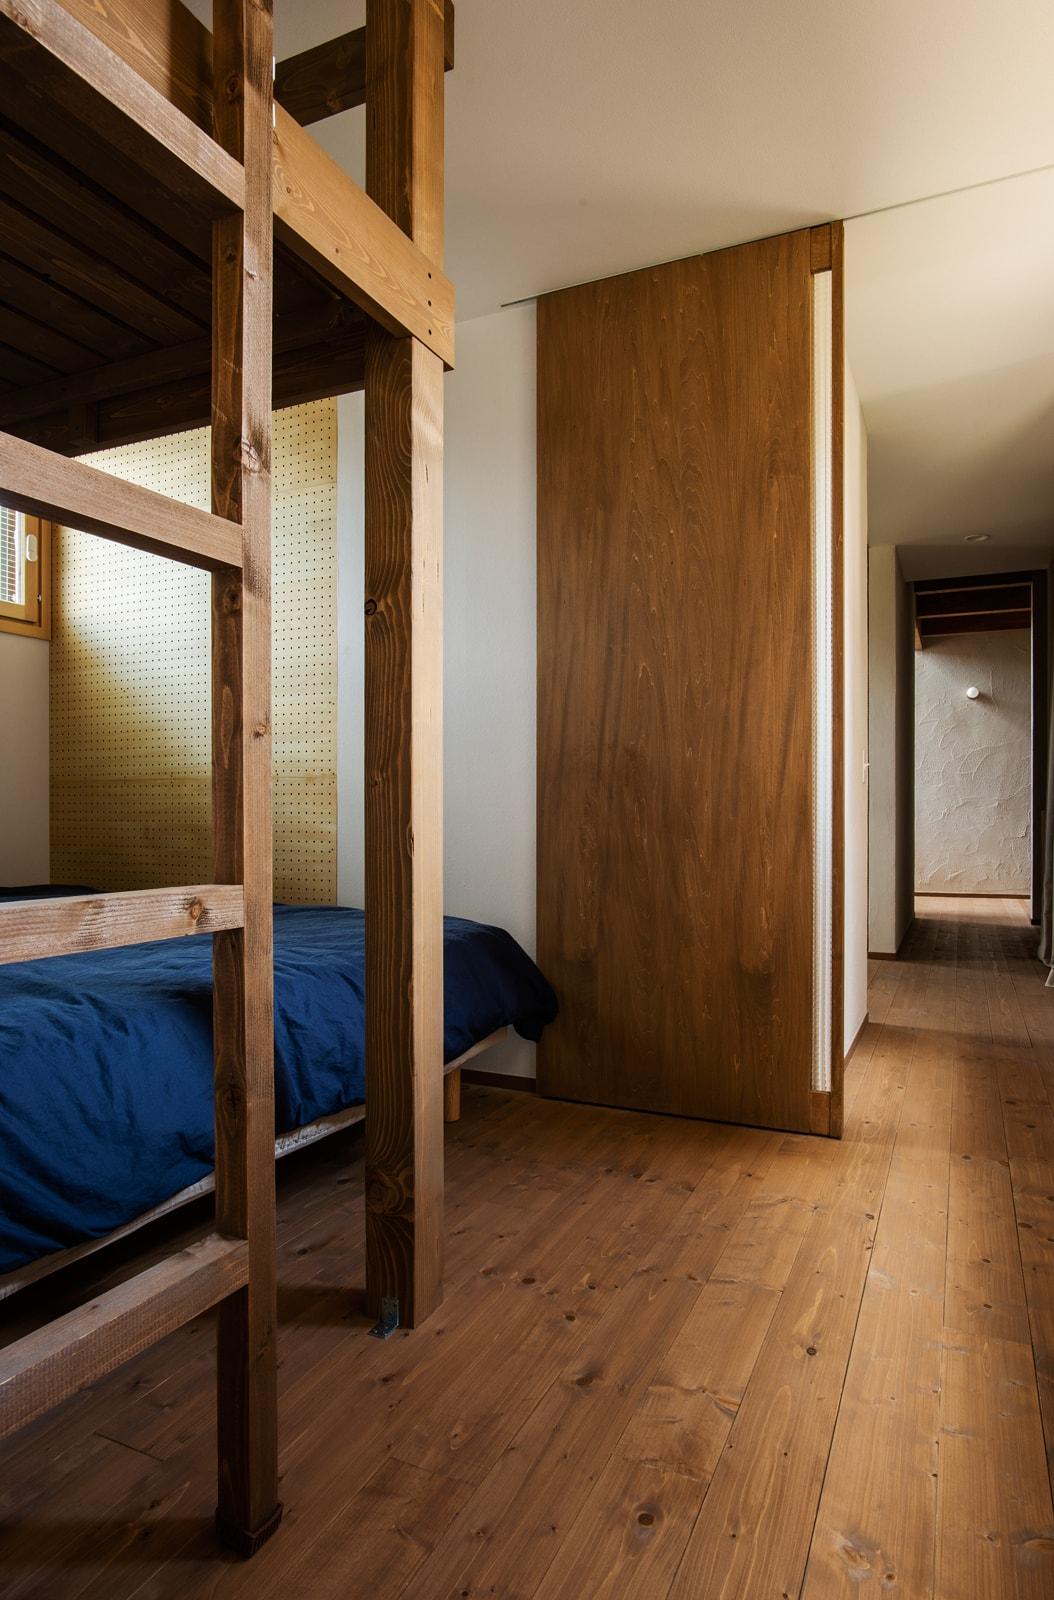 勉強部屋から奥に進むと、2段ベッドを置いた寝室空間が出てくる